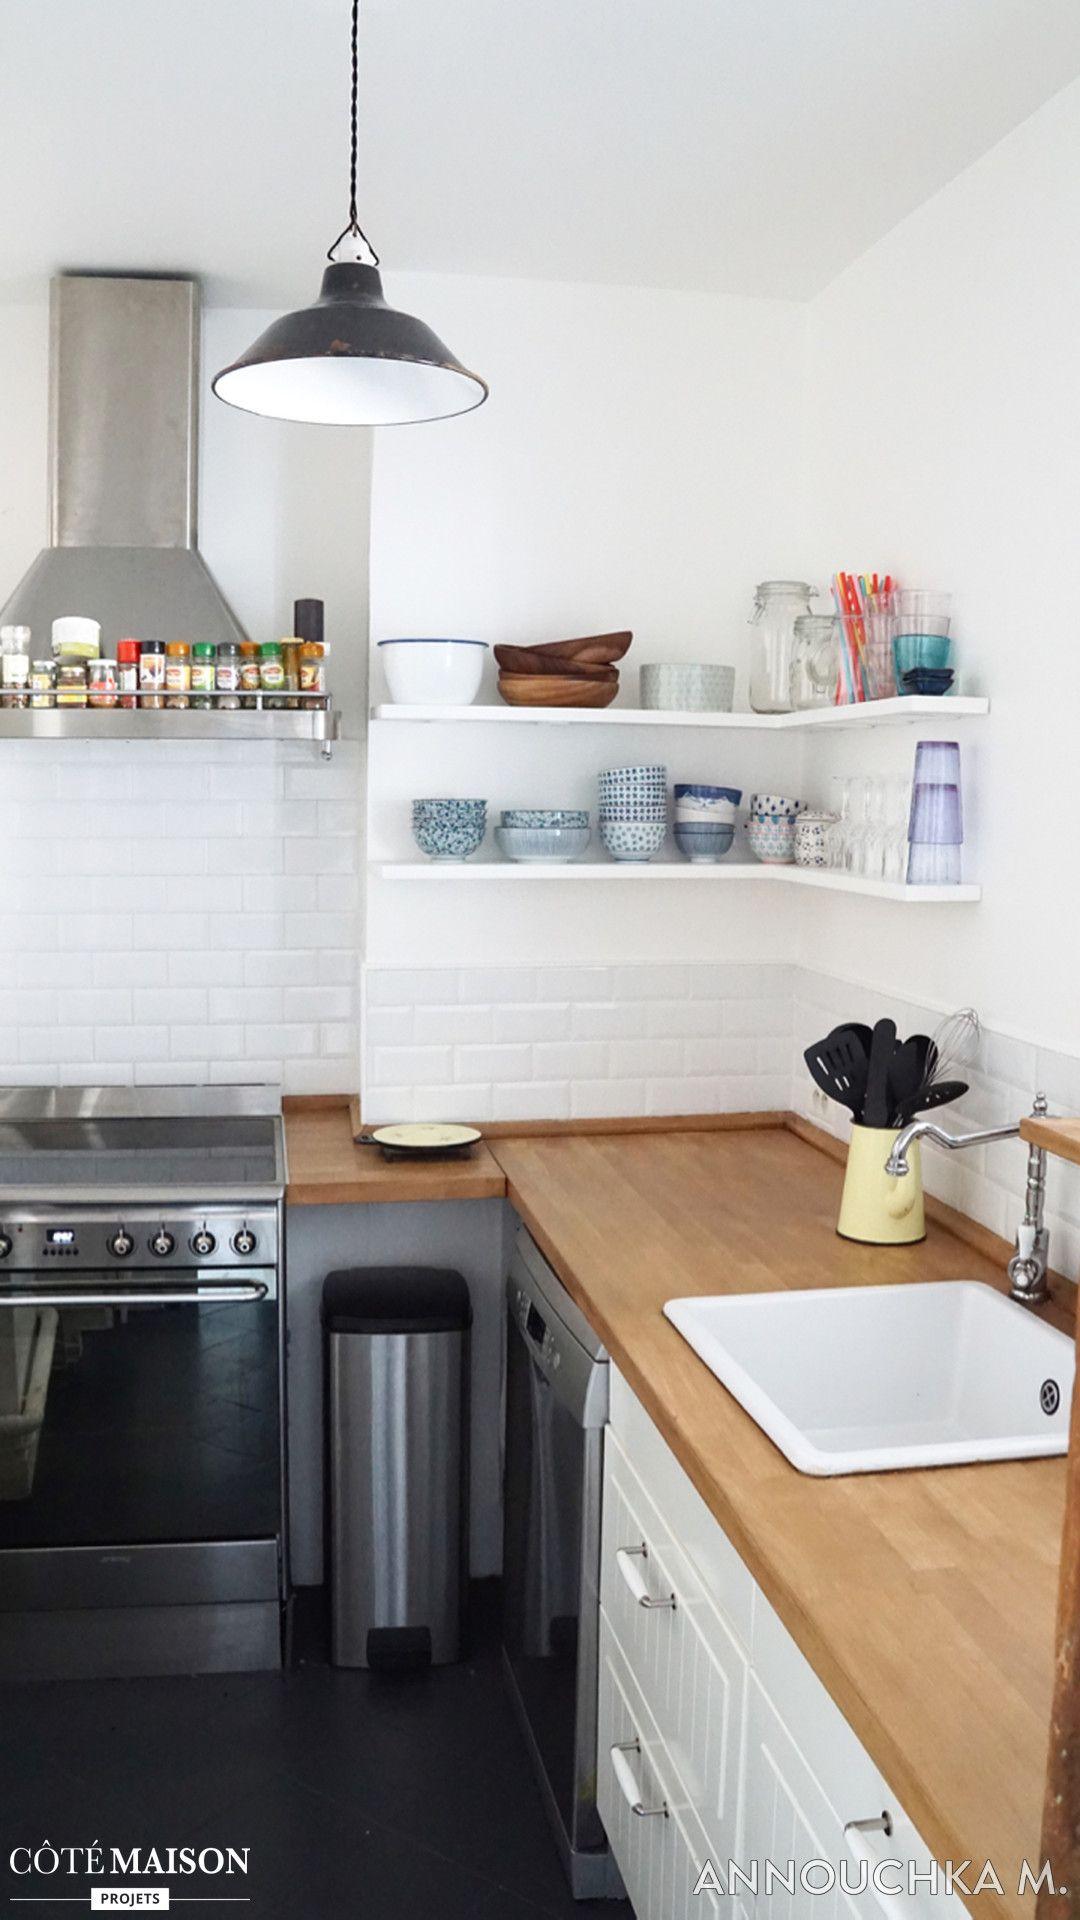 ma cuisine scandinave paris annouchka m c t maison apartment interiors pinterest. Black Bedroom Furniture Sets. Home Design Ideas